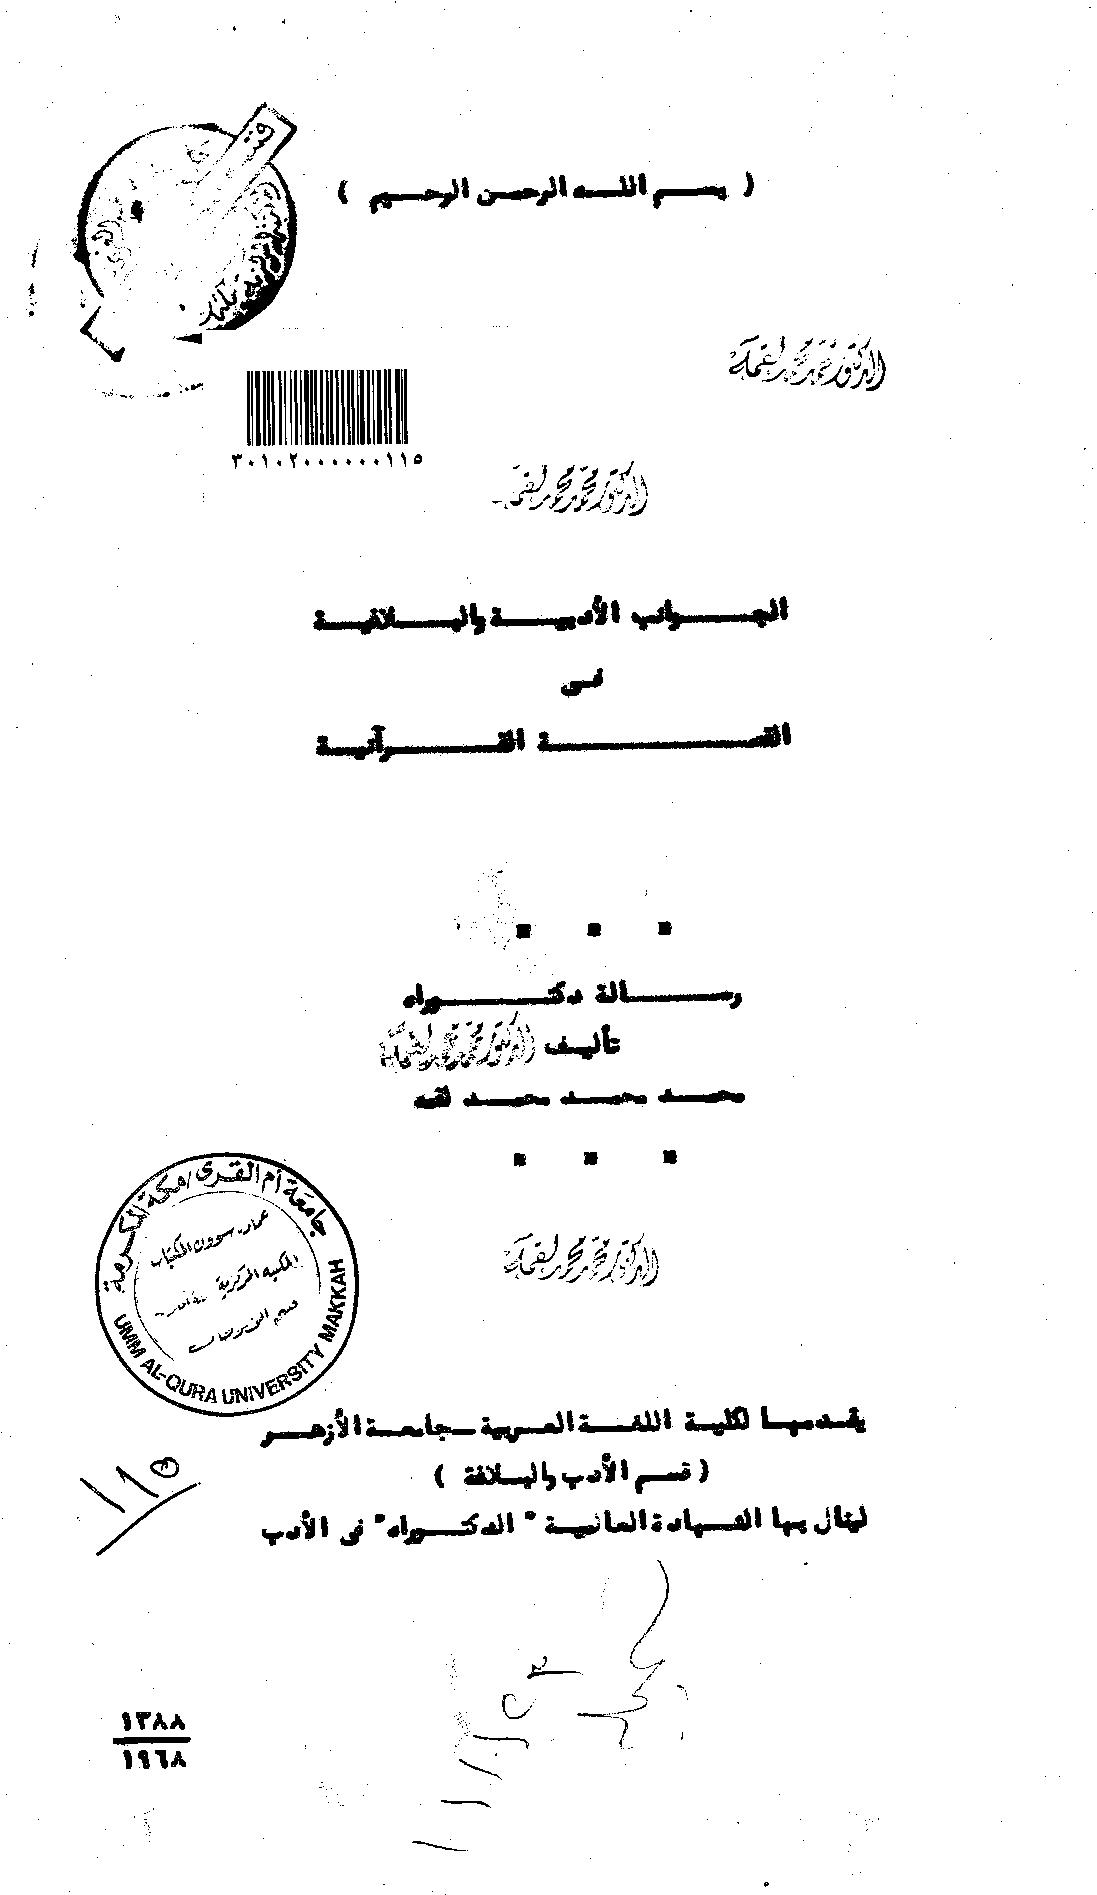 تحميل كتاب الجوانب الأدبية والبلاغية في القصة القرآنية لـِ: الدكتور محمد محمد محمد لقمة